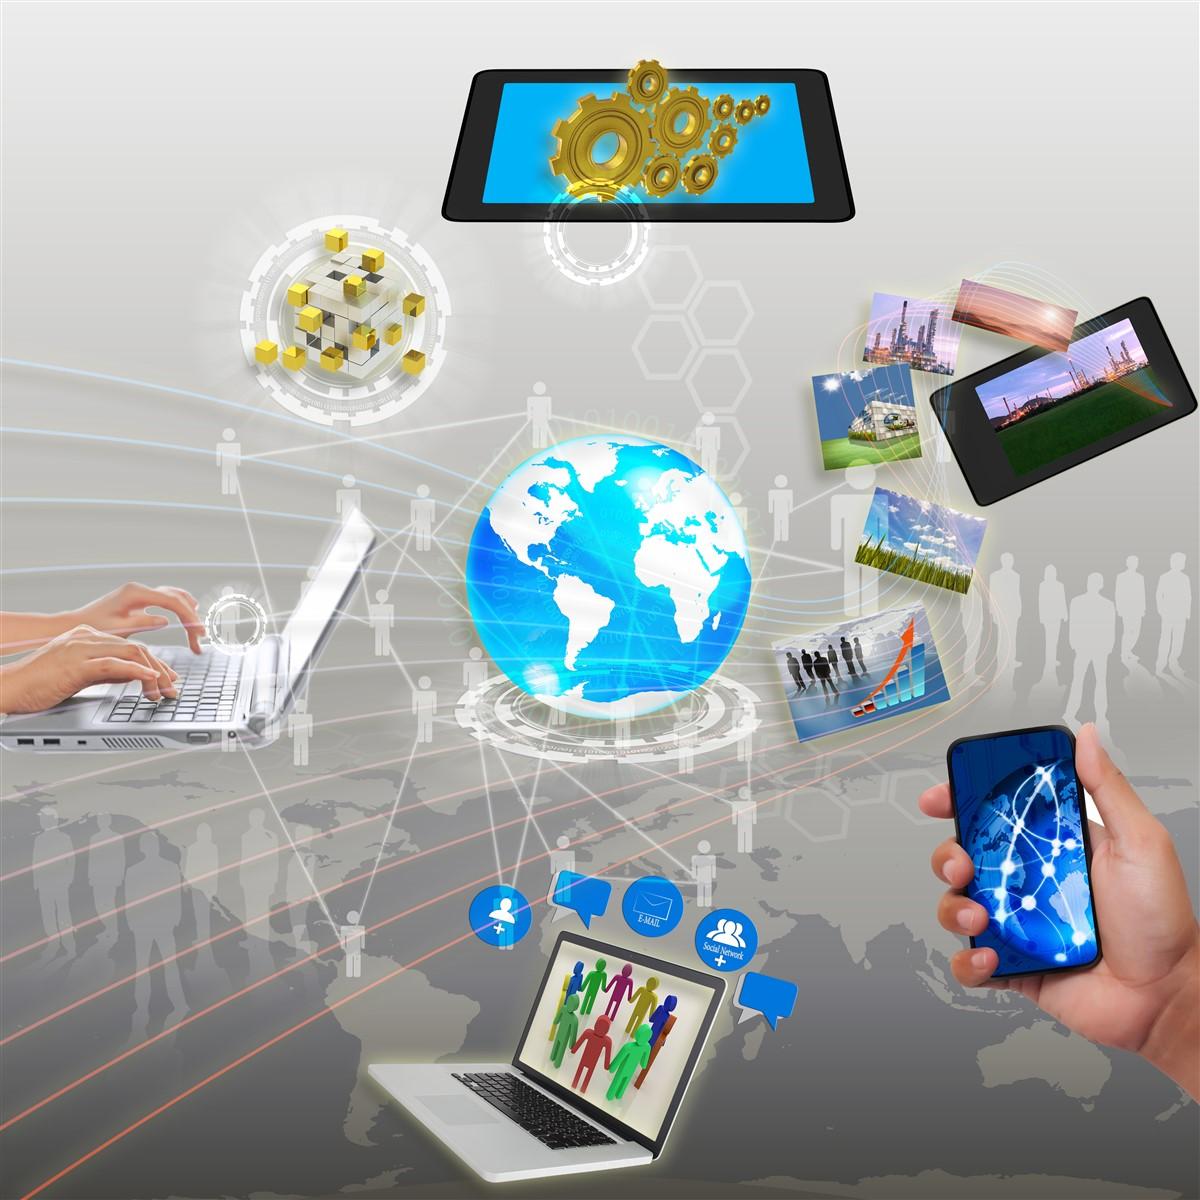 Borse di studio nel settore delle tecnologie innovative